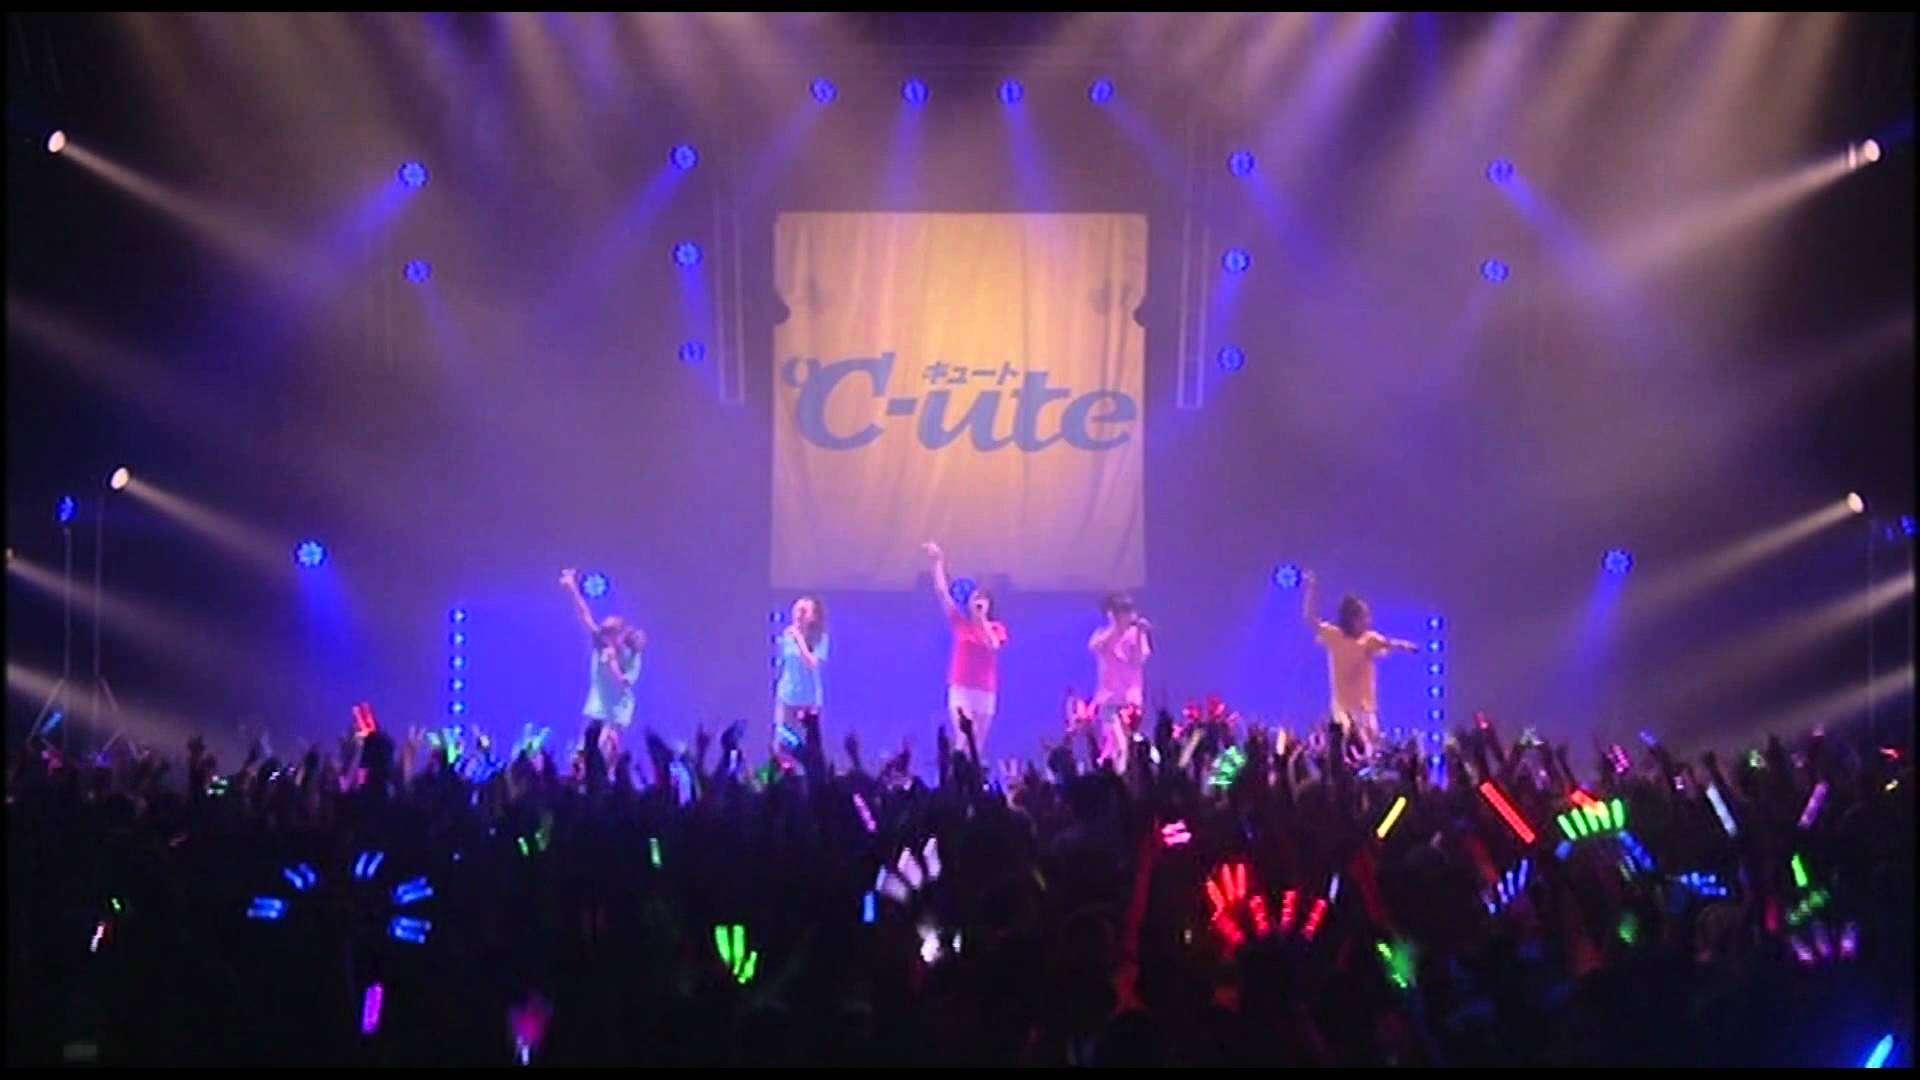 ºC-ute- これ以上 嫌われたくないの LIVE - YouTube